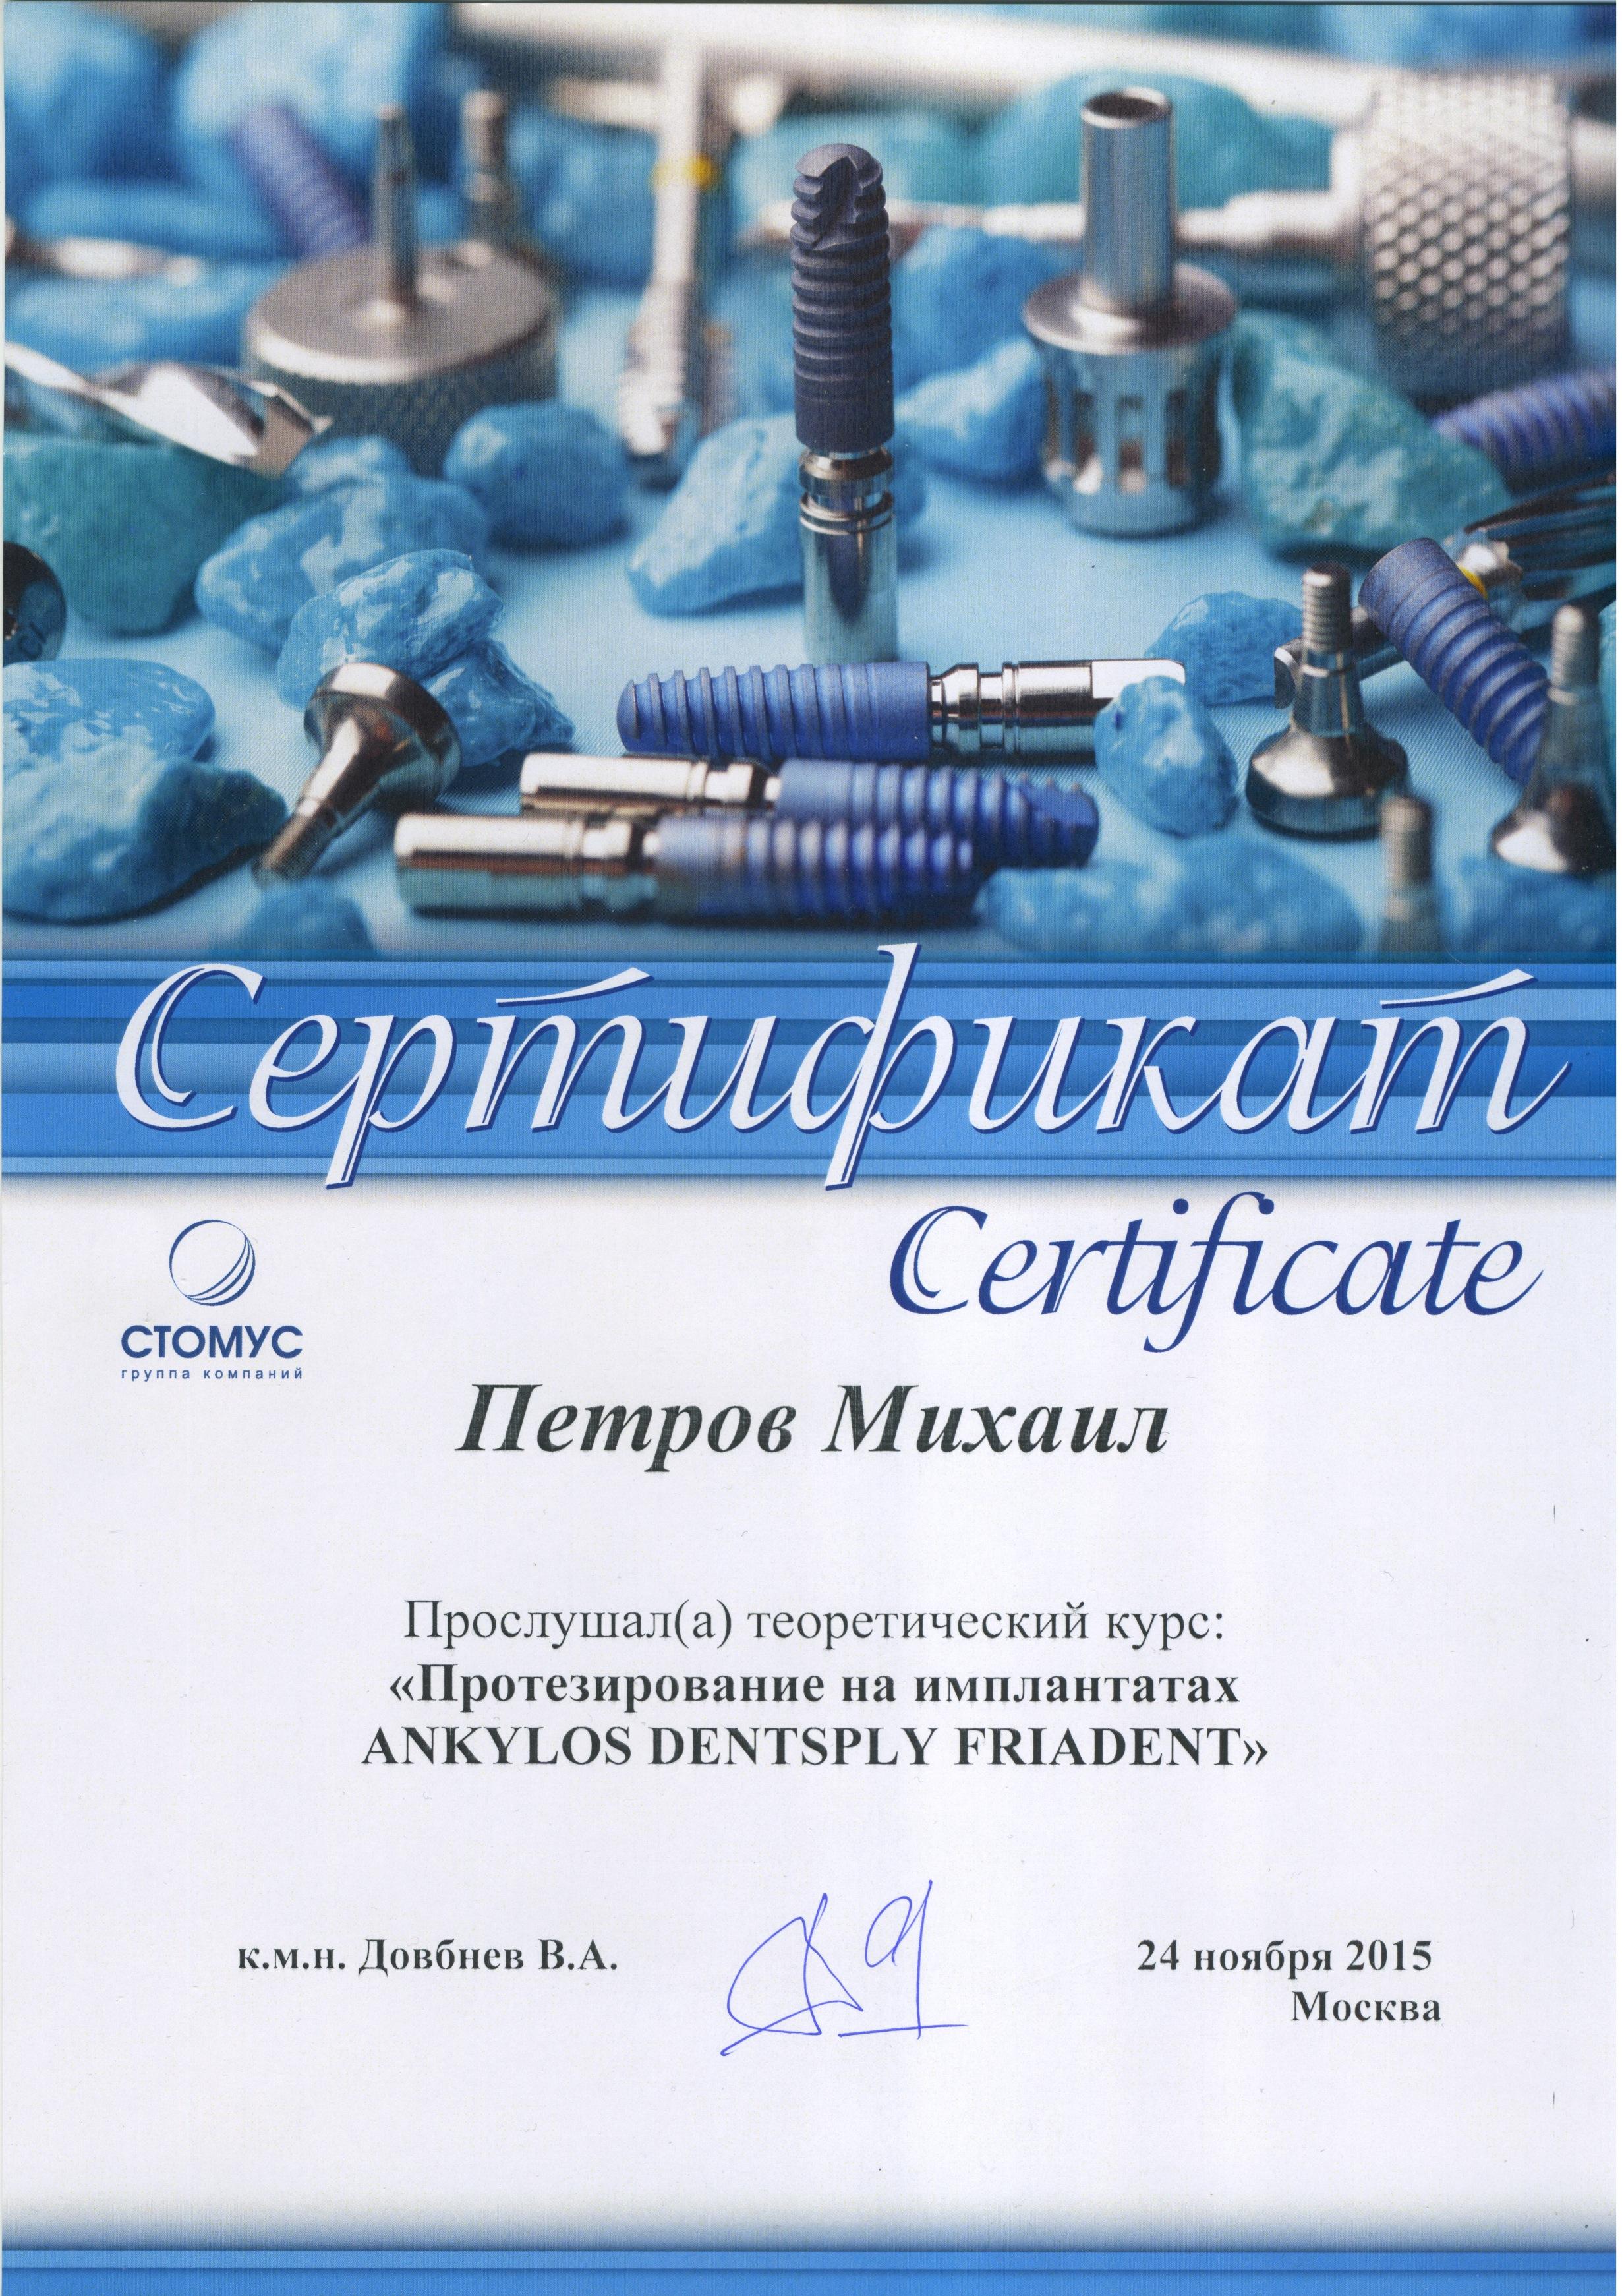 Сертификат стоматолог Петров Михаил Сергеевич 3